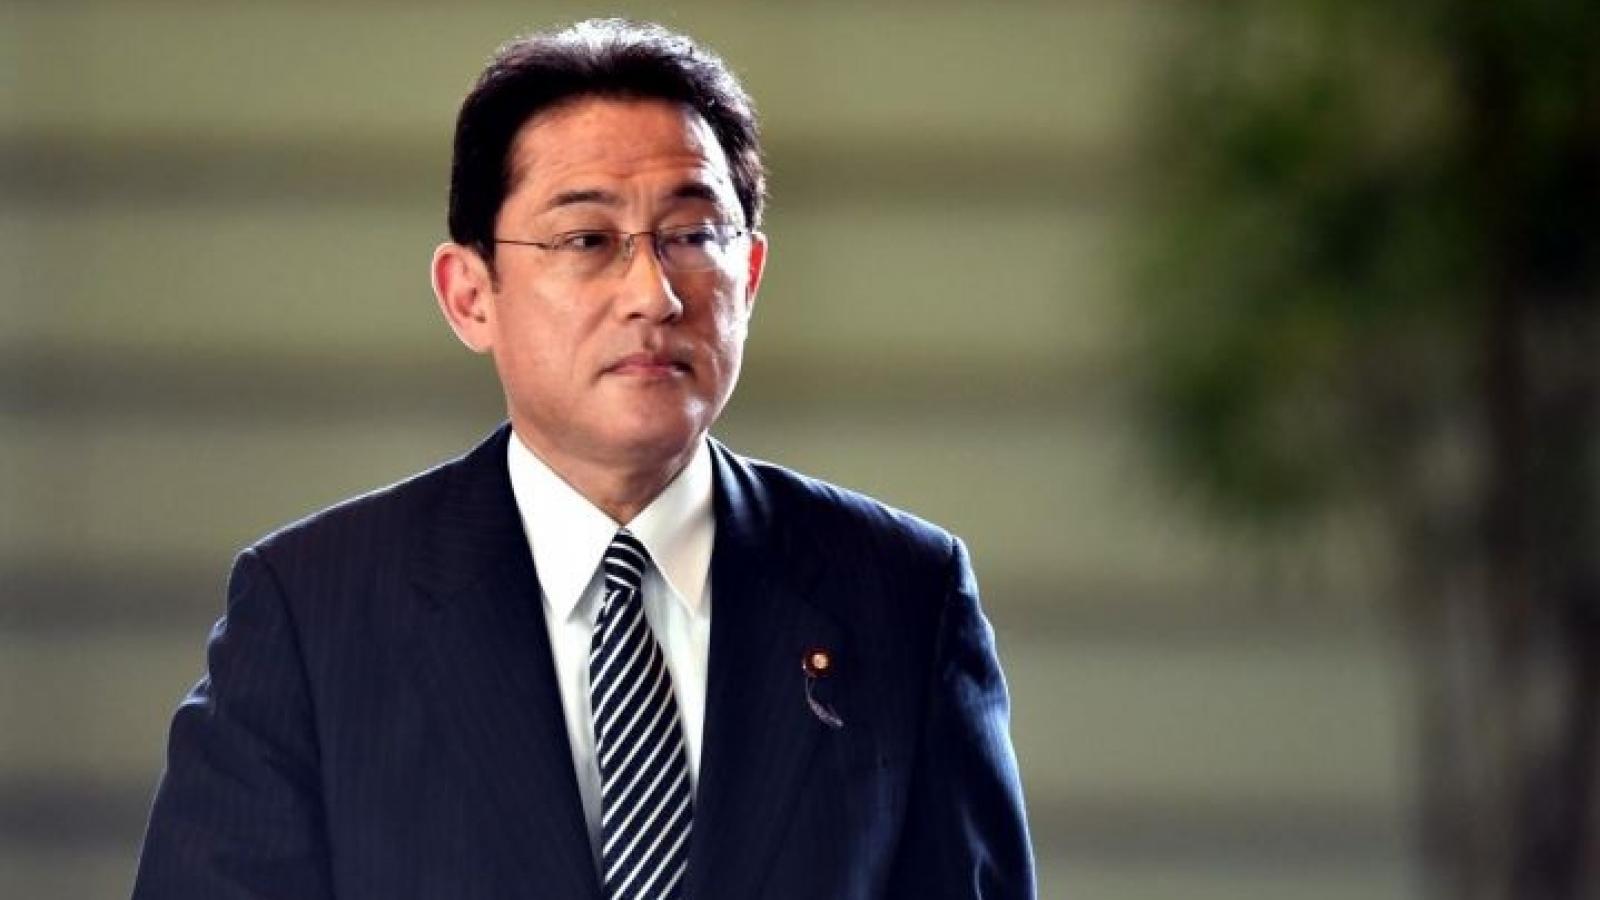 Các ứng cử viên Thủ tướng Nhật Bản có chính sách mới gì?